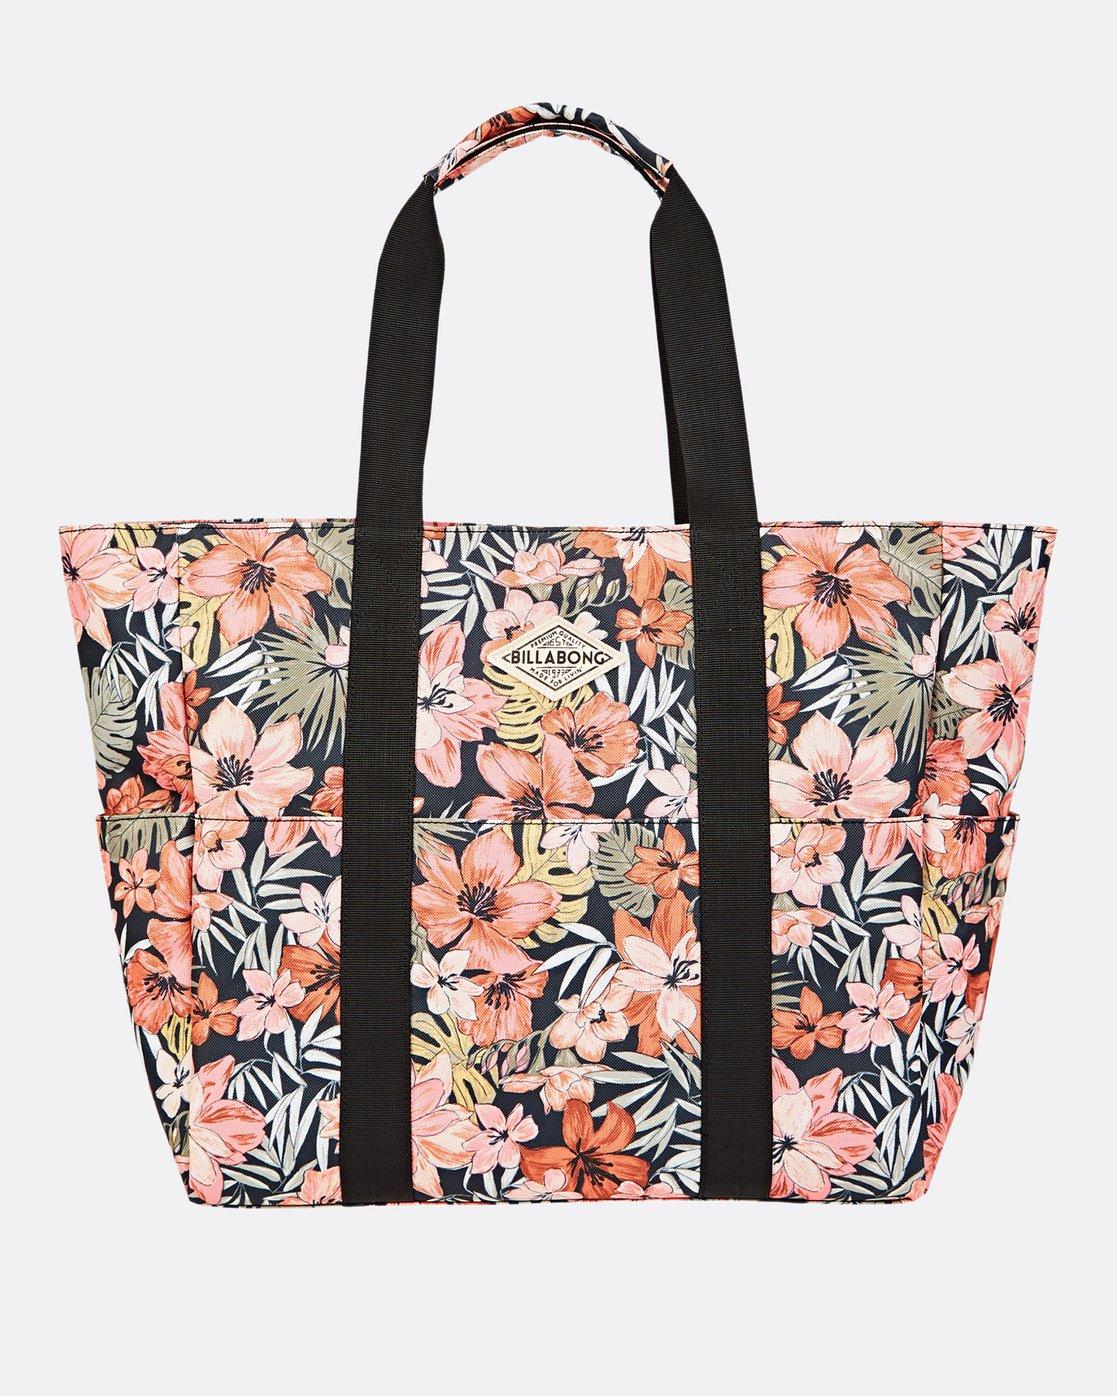 summer bags - billabong